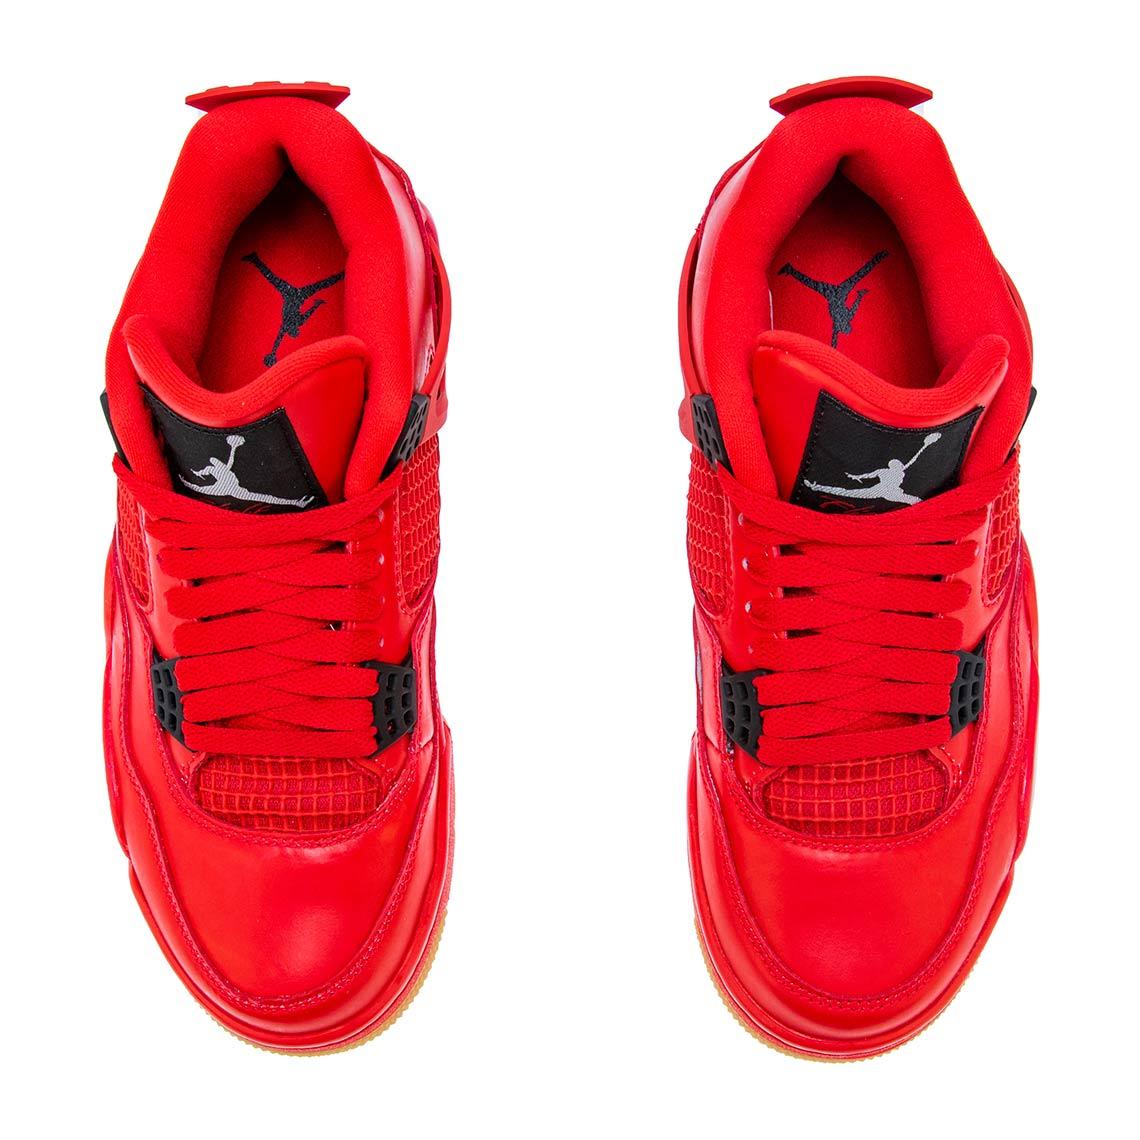 buy popular 00d1f 1a905 Jordan 4 Singles Day AV3194-600 Photos | SneakerNews.com